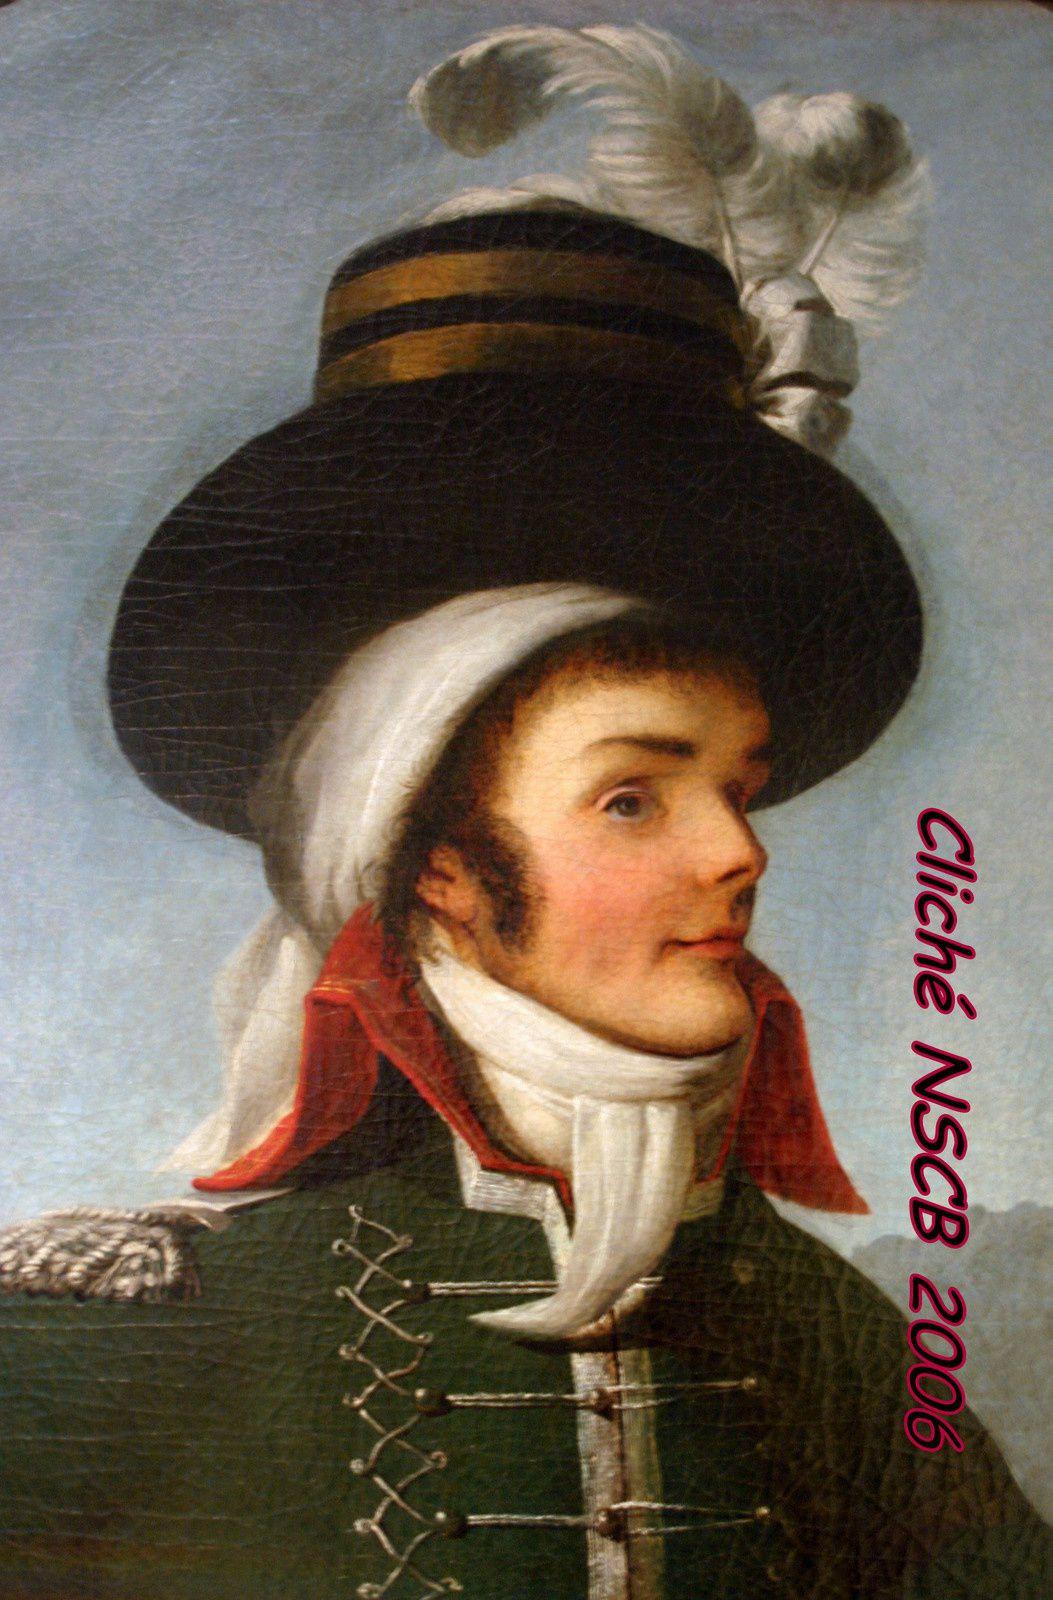 12 H 30 A LA CHABOTTERIE, MERCREDI SAINT 1796, François Athanase CHARETTE de LA CONTRIE